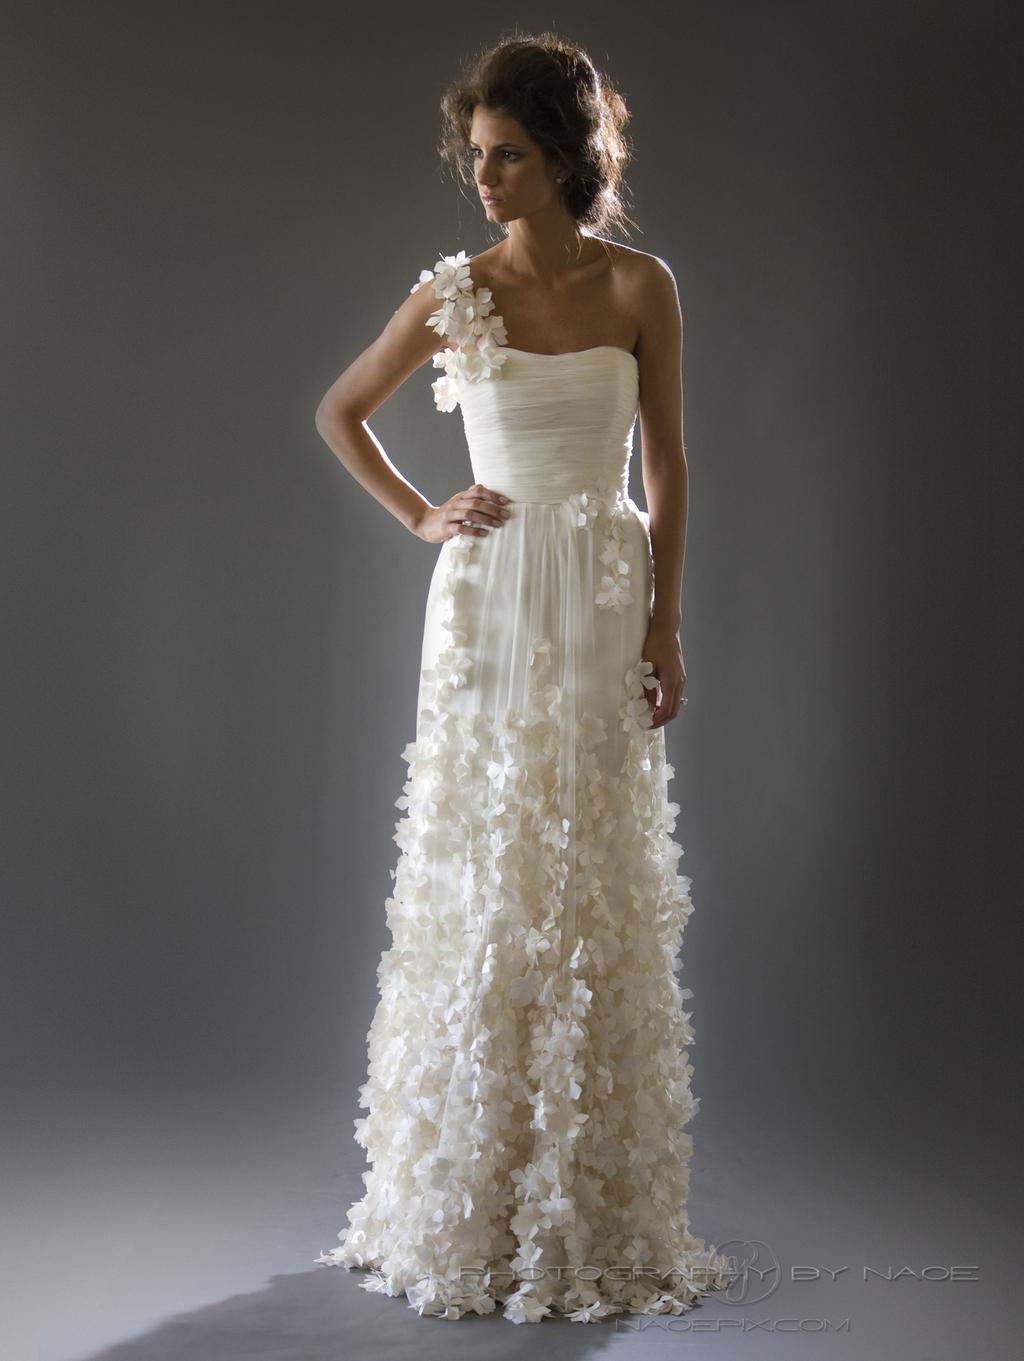 Wedding-dress-spring-2013-bridal_gown-cocoe-voci-5.full